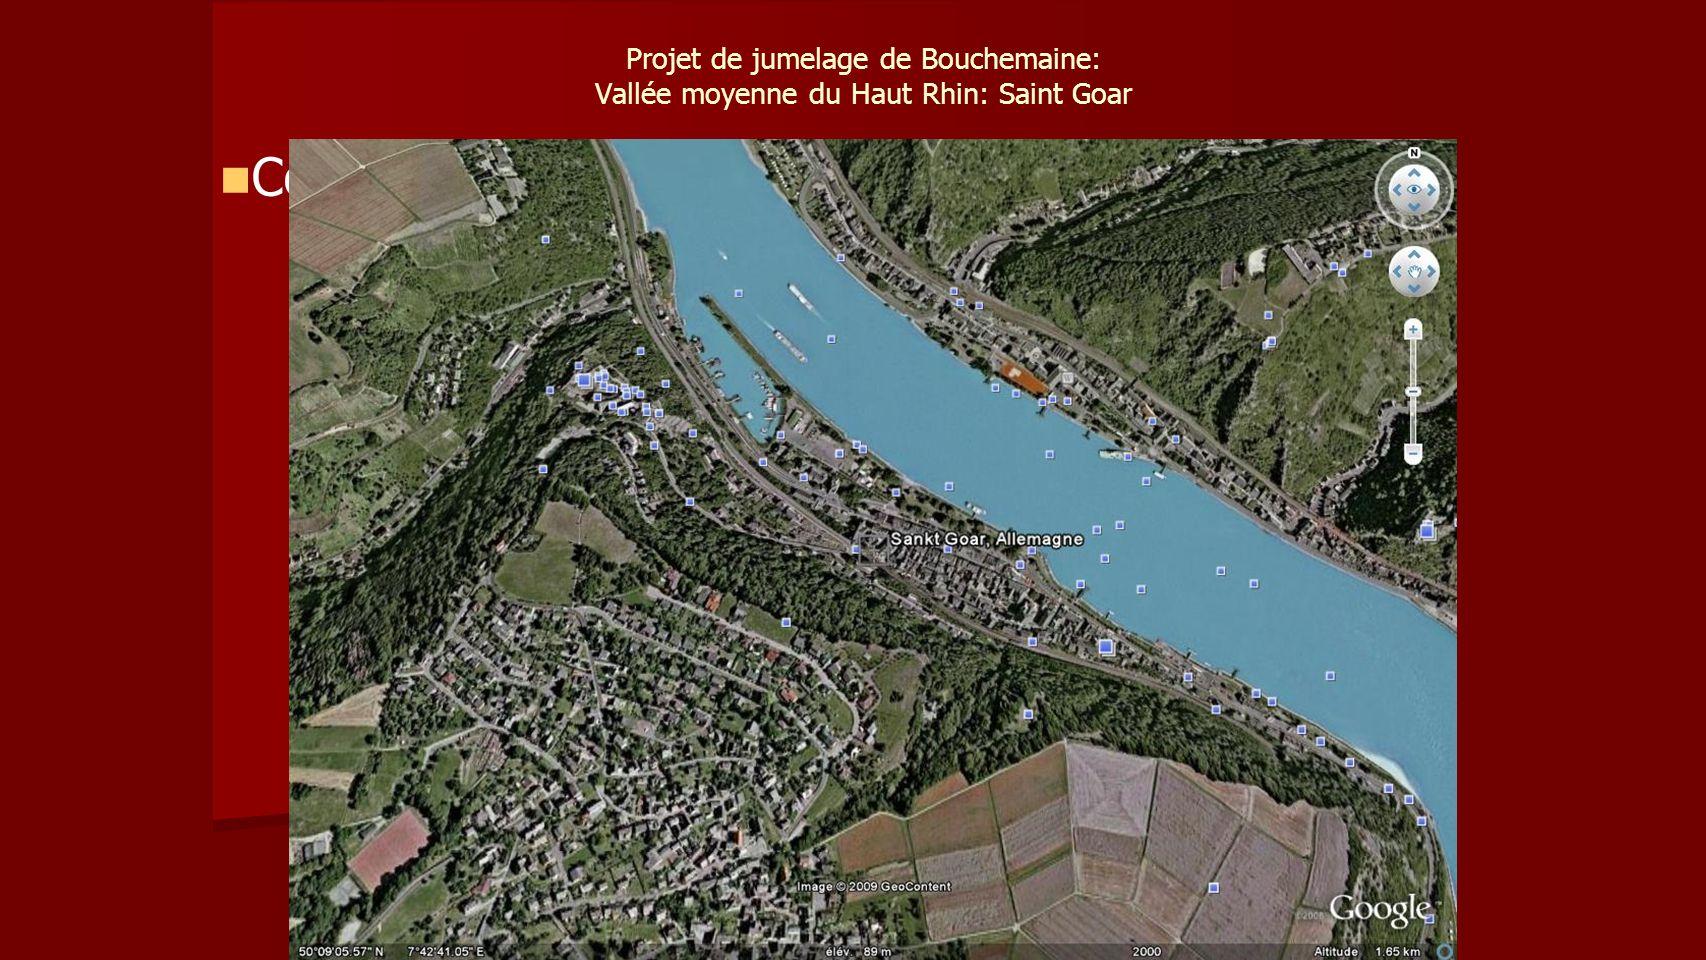 Projet de jumelage de Bouchemaine: Vallée moyenne du Haut Rhin: Saint Goar Communes